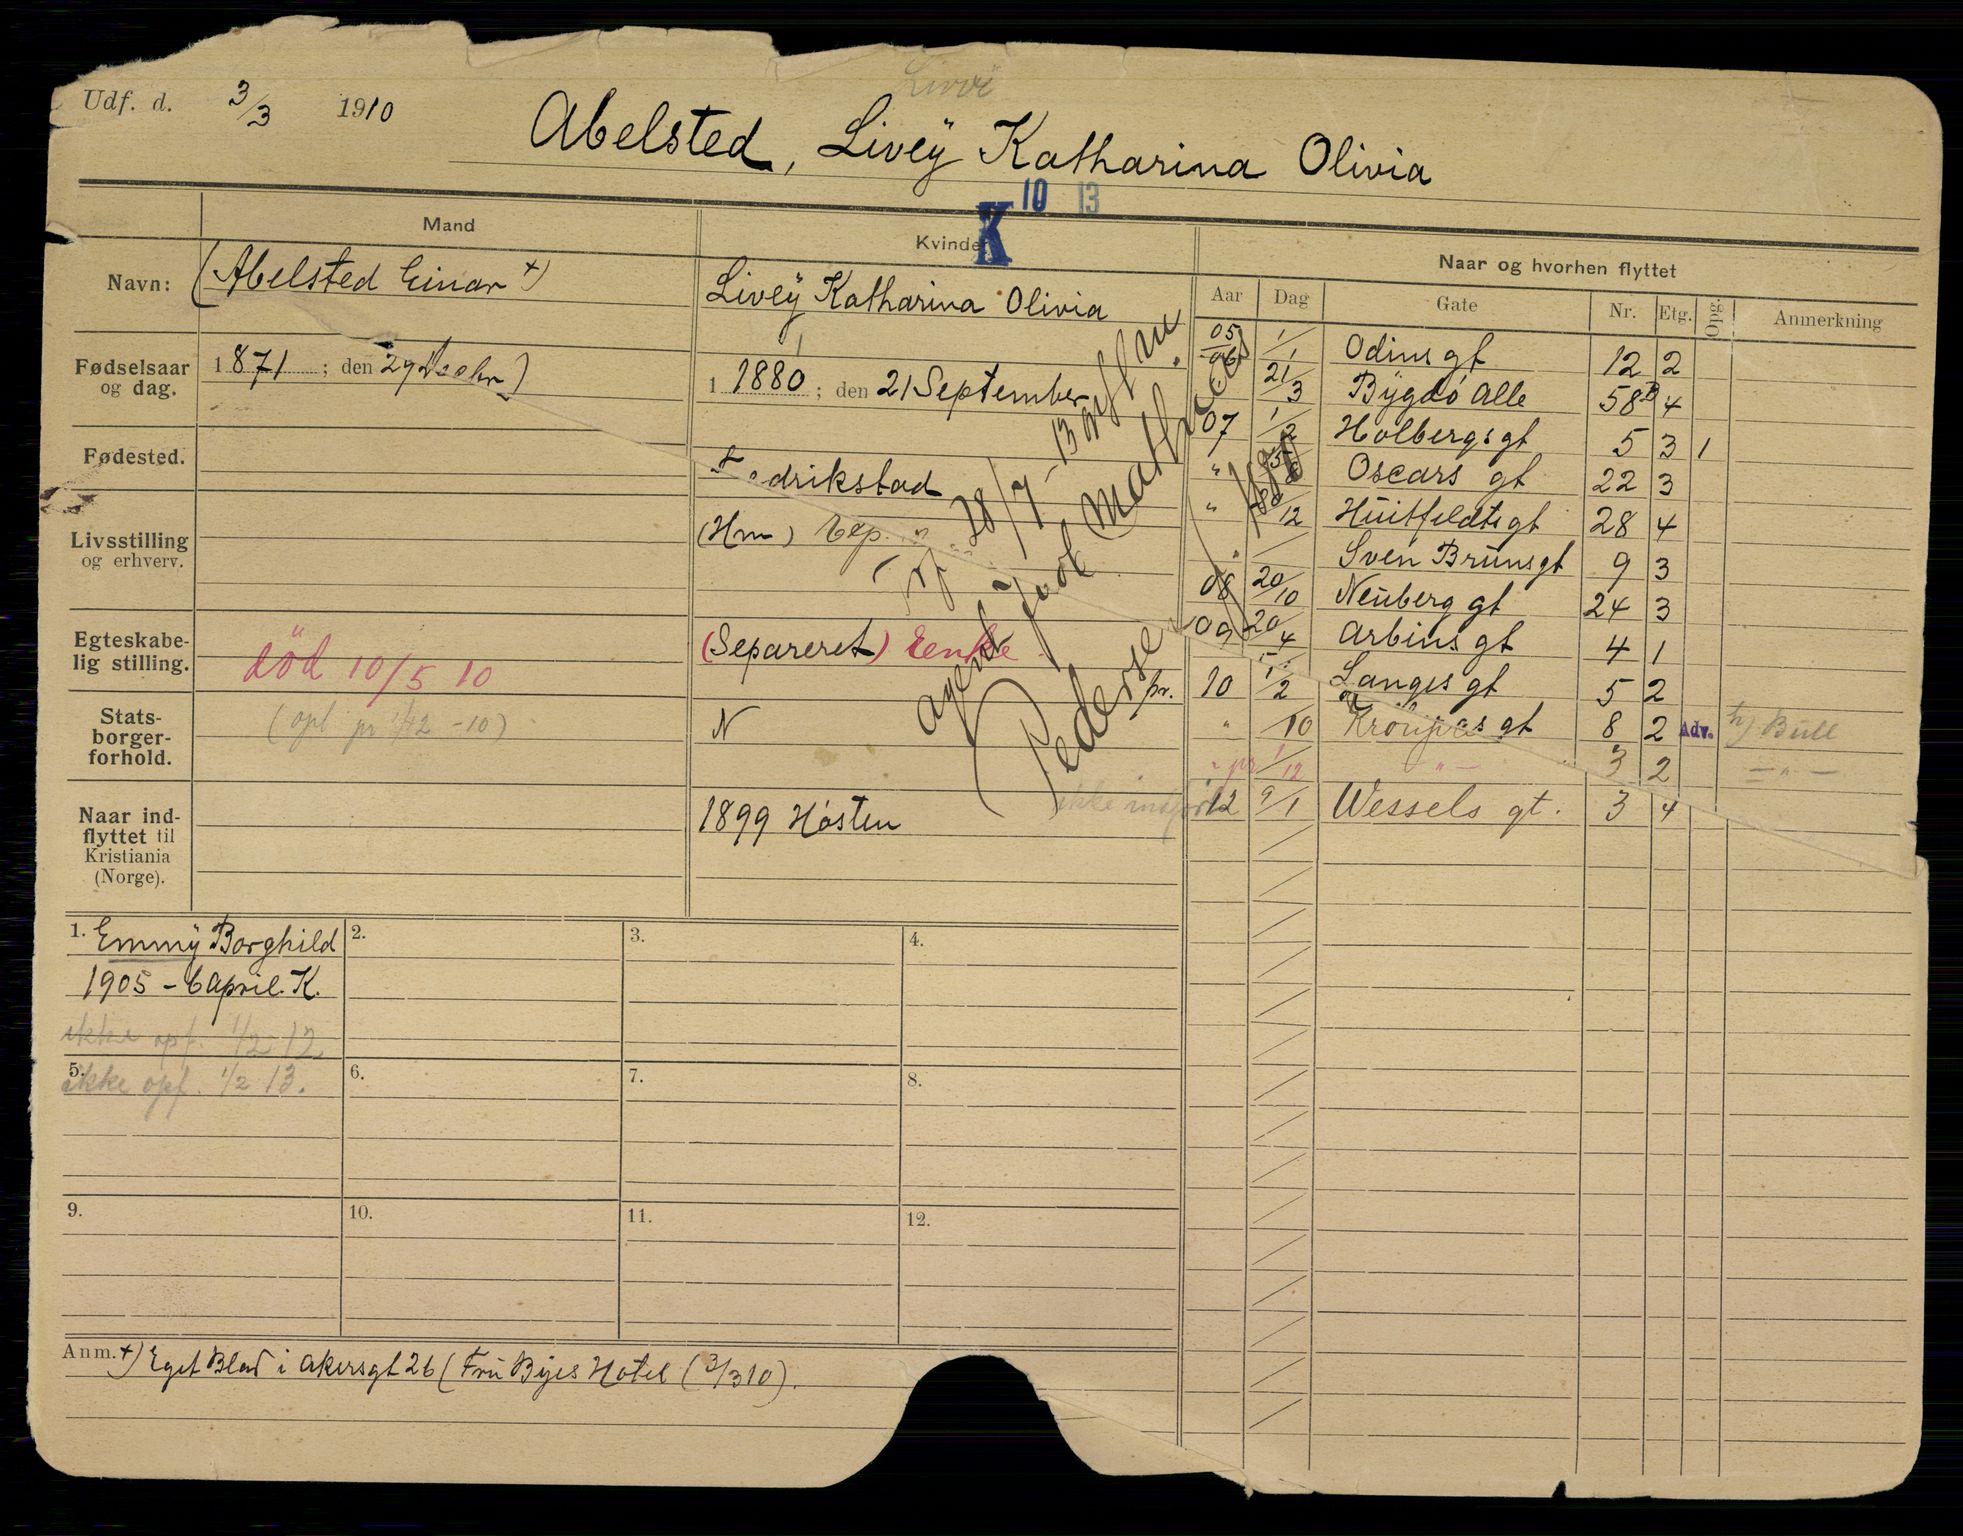 SAO, Oslo folkeregister, Registerkort, K/Kb/L0016: A - G, 1913